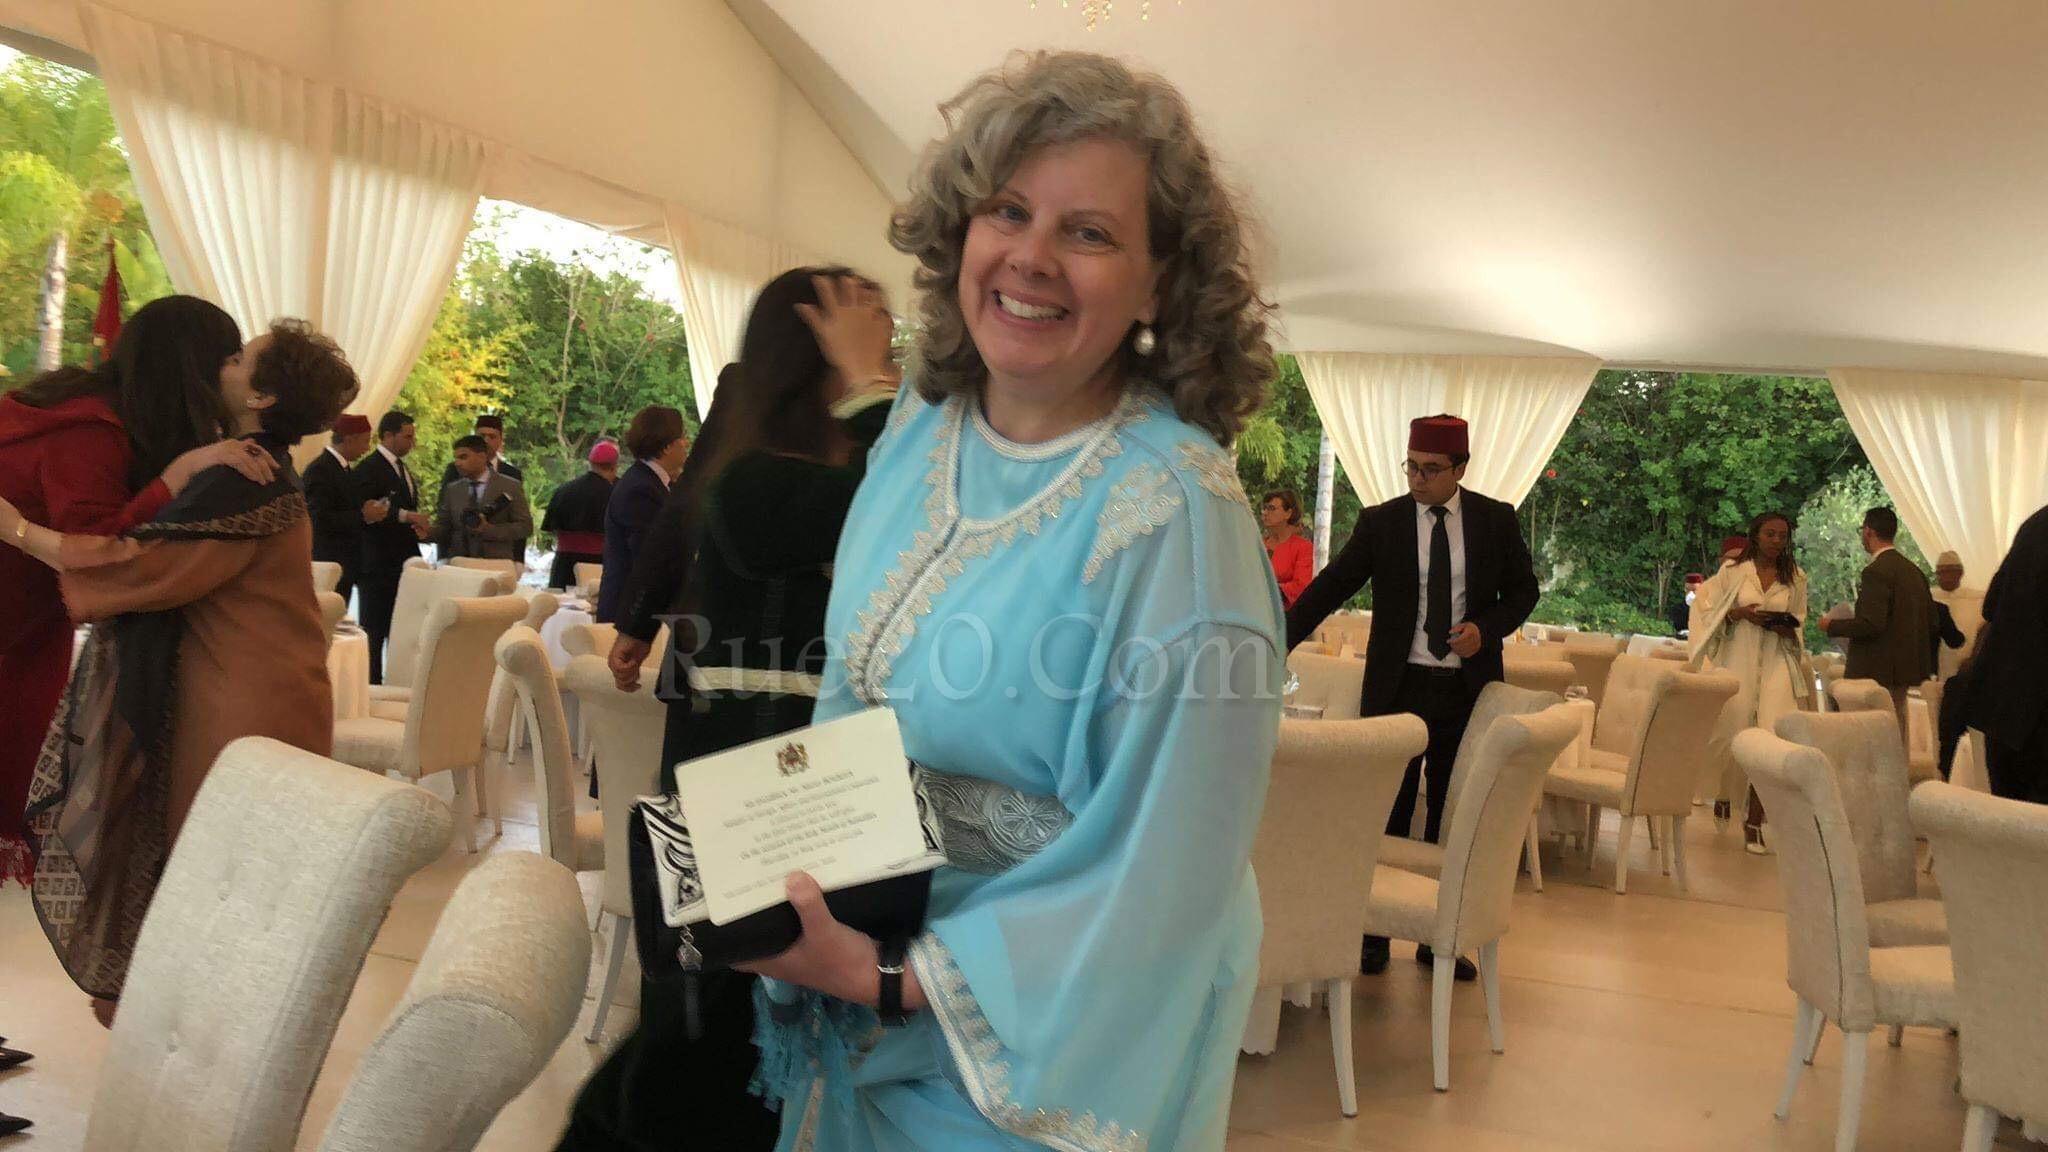 سفيرة الولايات المتحدة بالرباط تلفتُ الأنظار بإرتدائها القفطان المغربي في رمضان